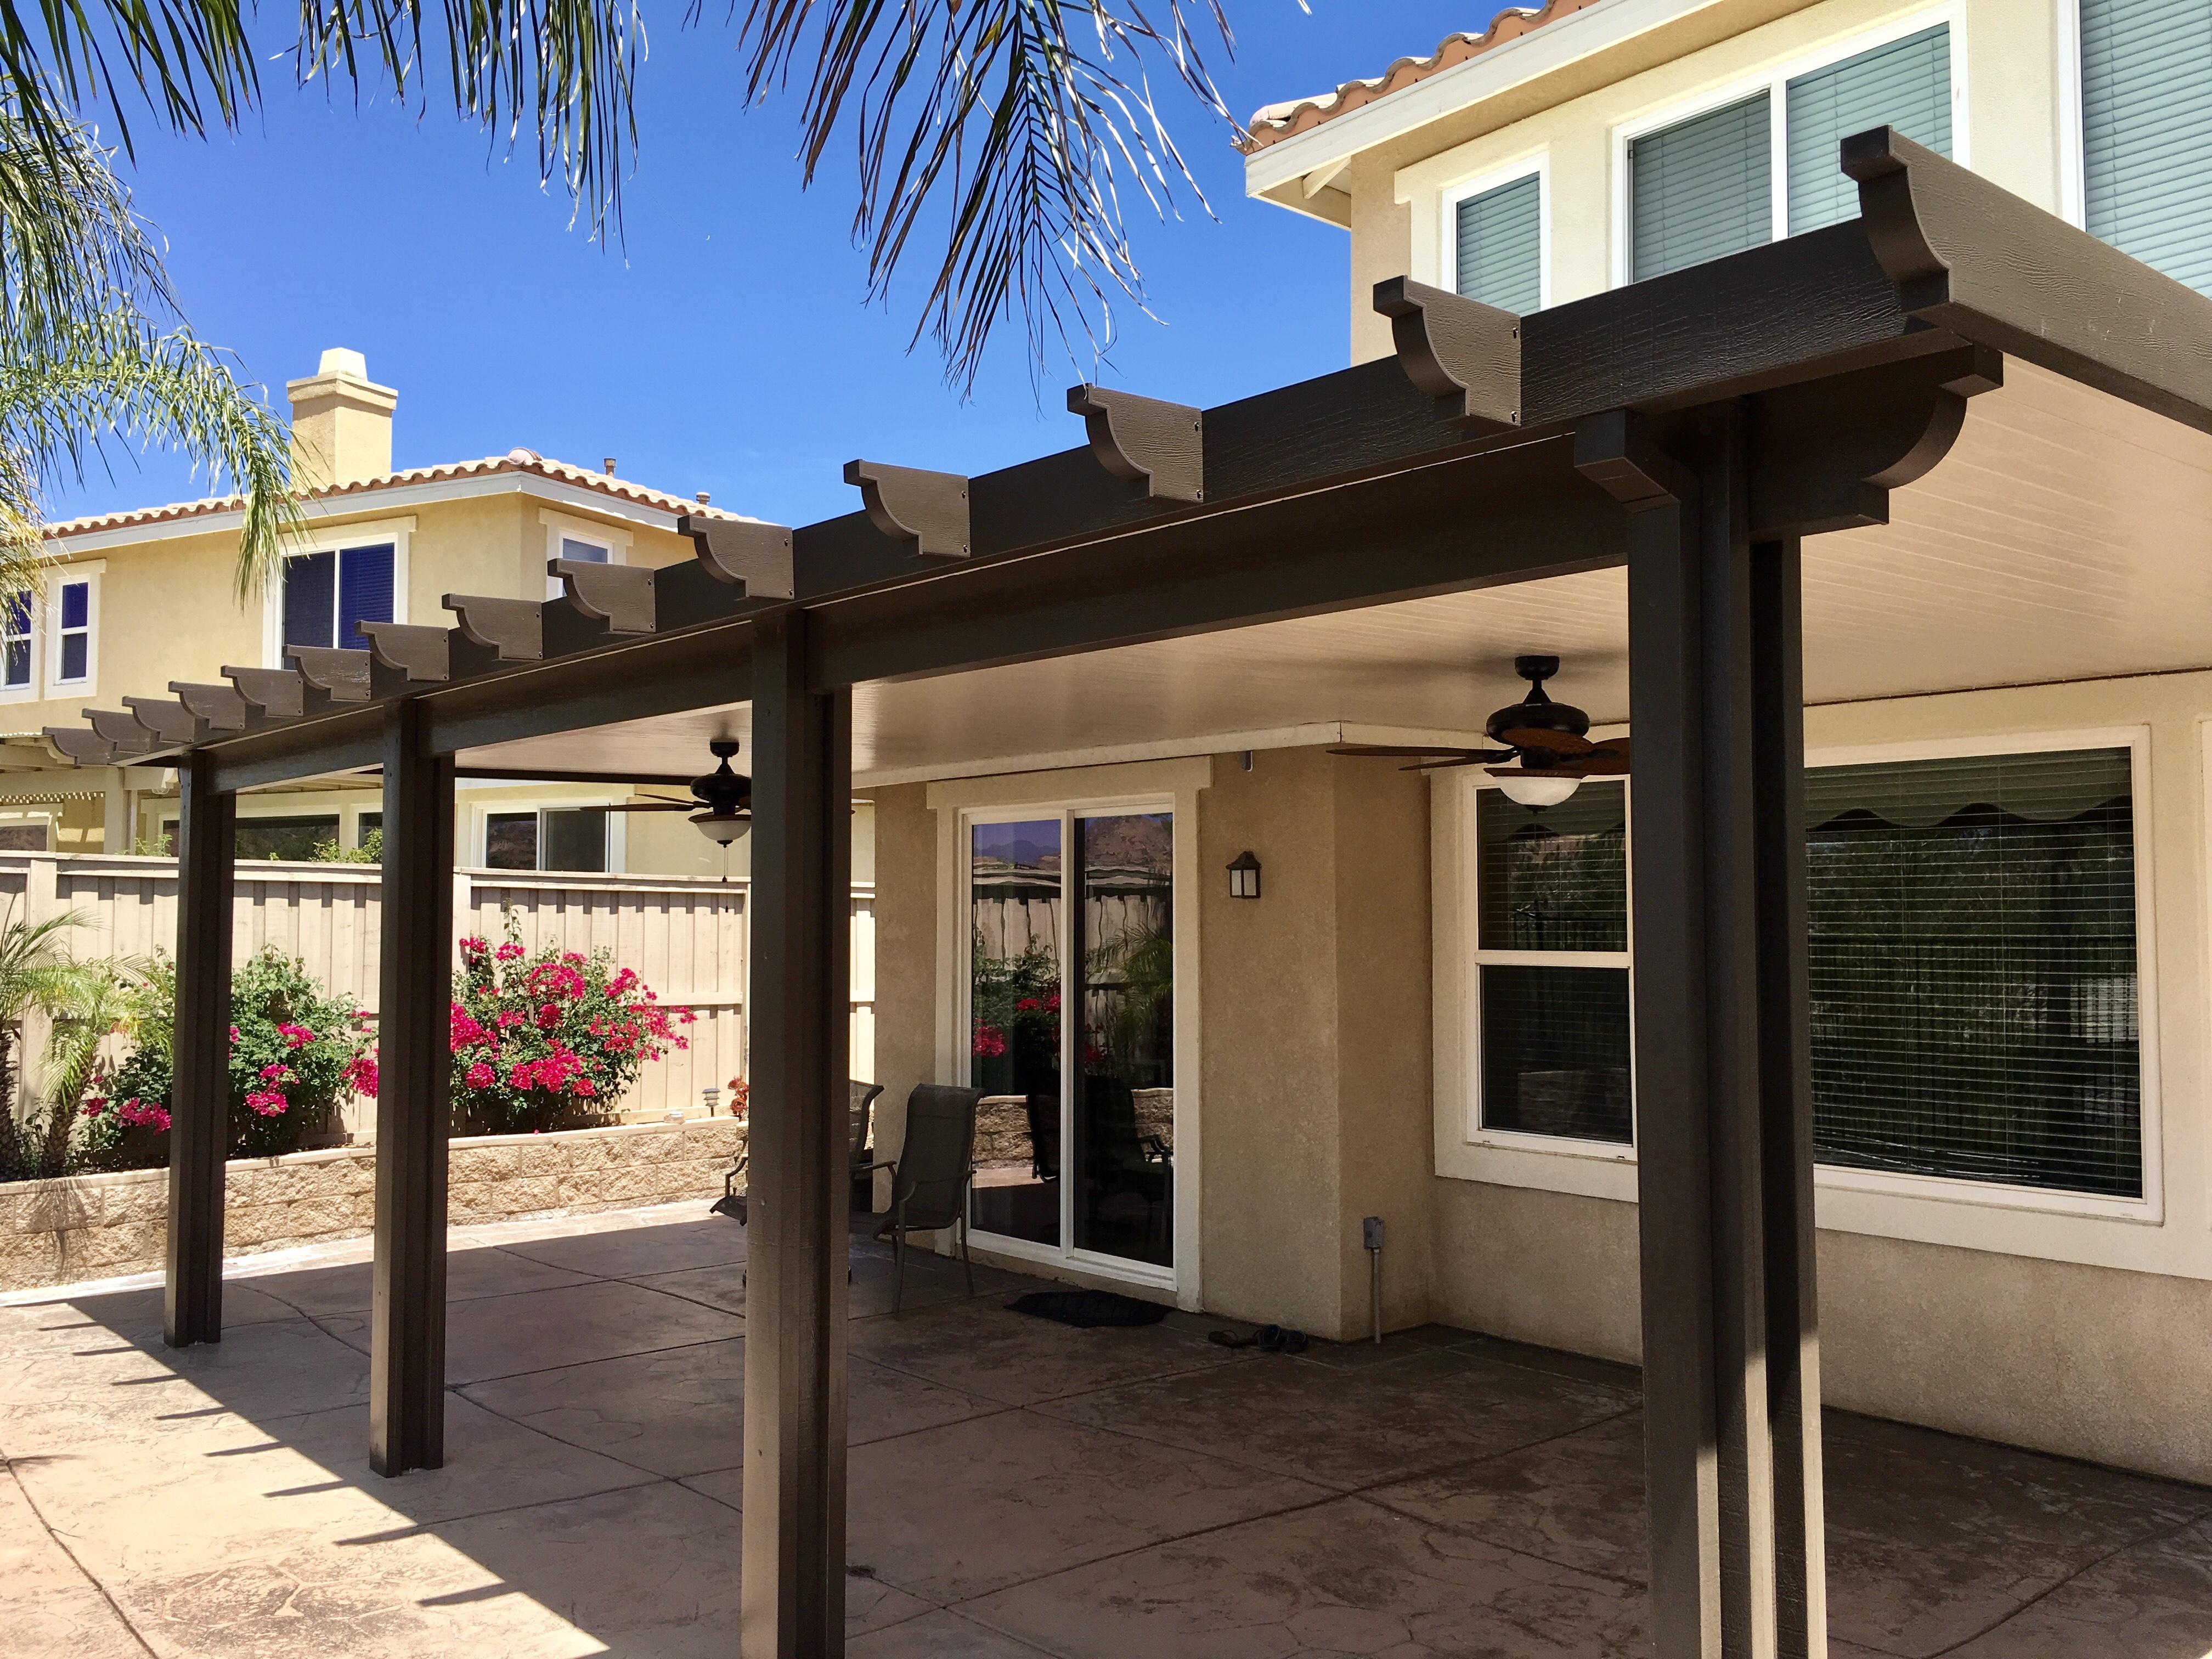 menifee patio covers aluminum patio